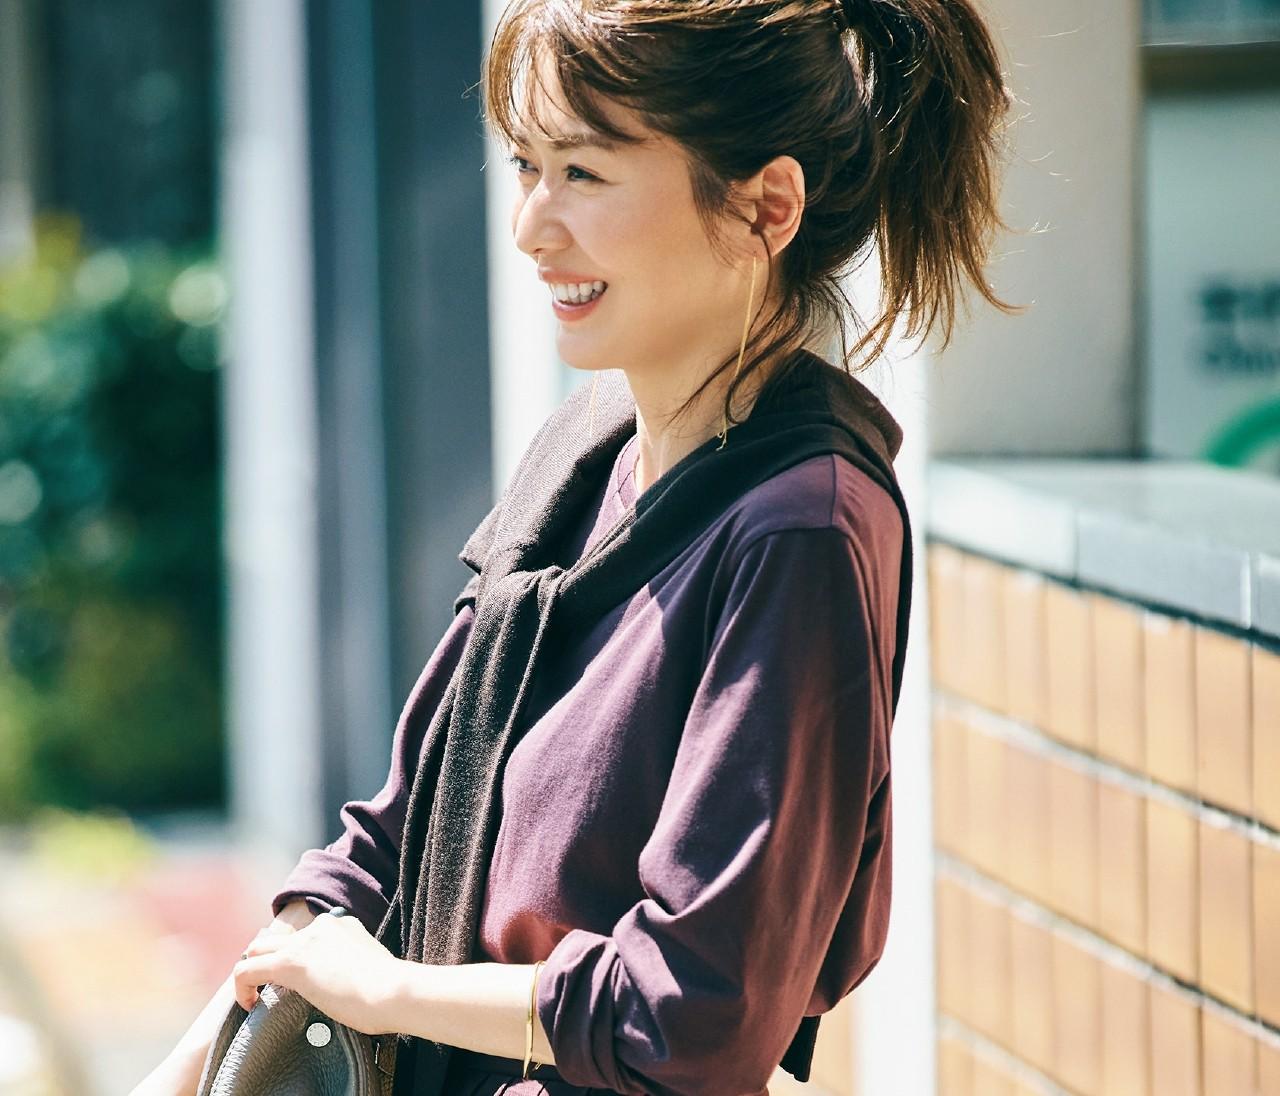 【ユニクロのメンズニット】30代が買うなら「きれいな渋色」!おしゃれプロの最旬3コーデ